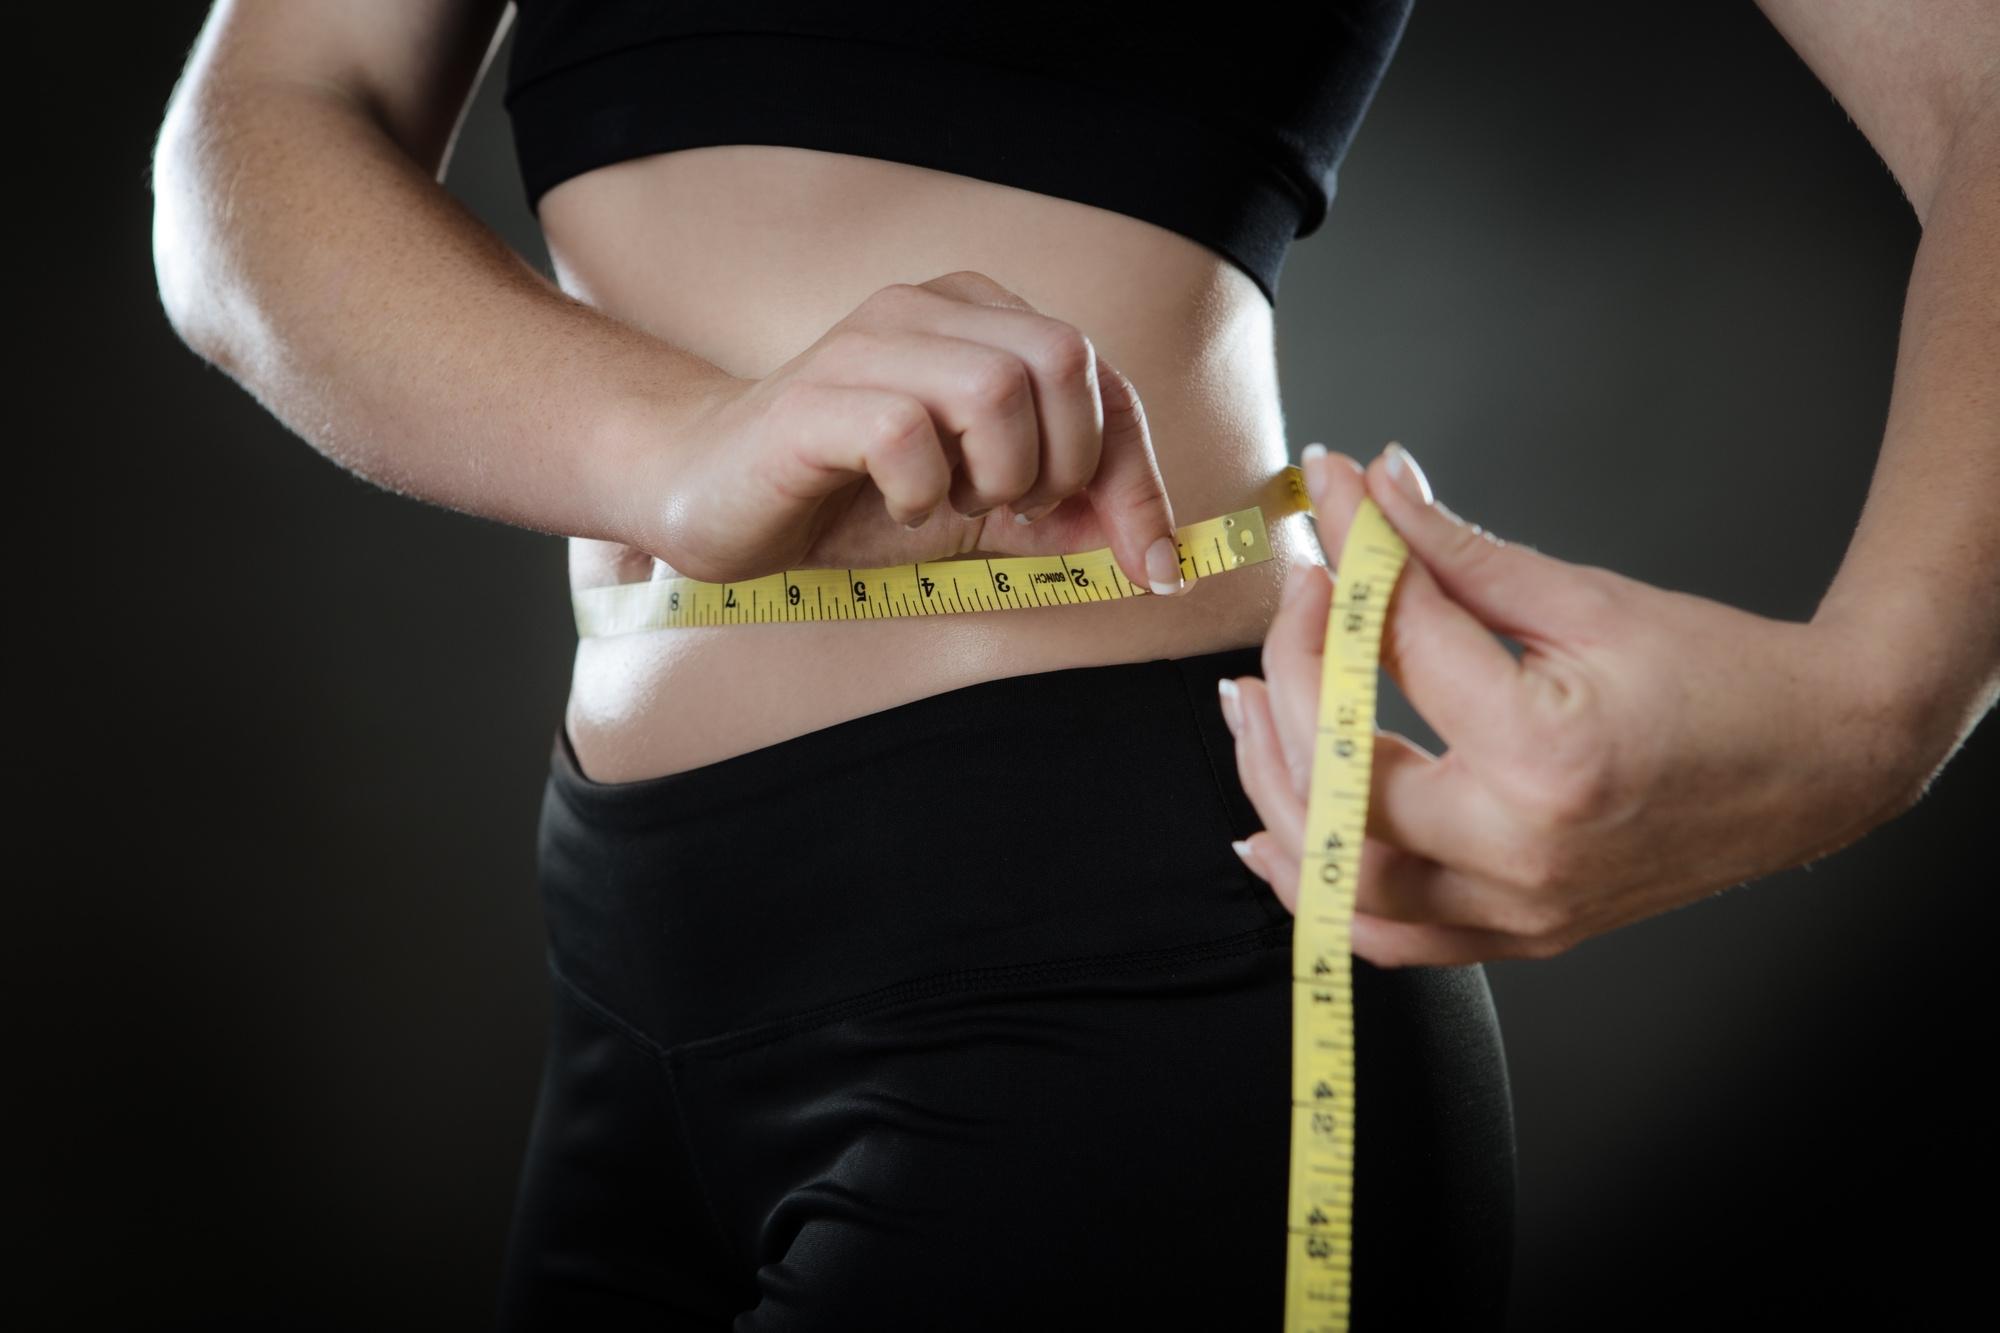 woman measuring her weightloss